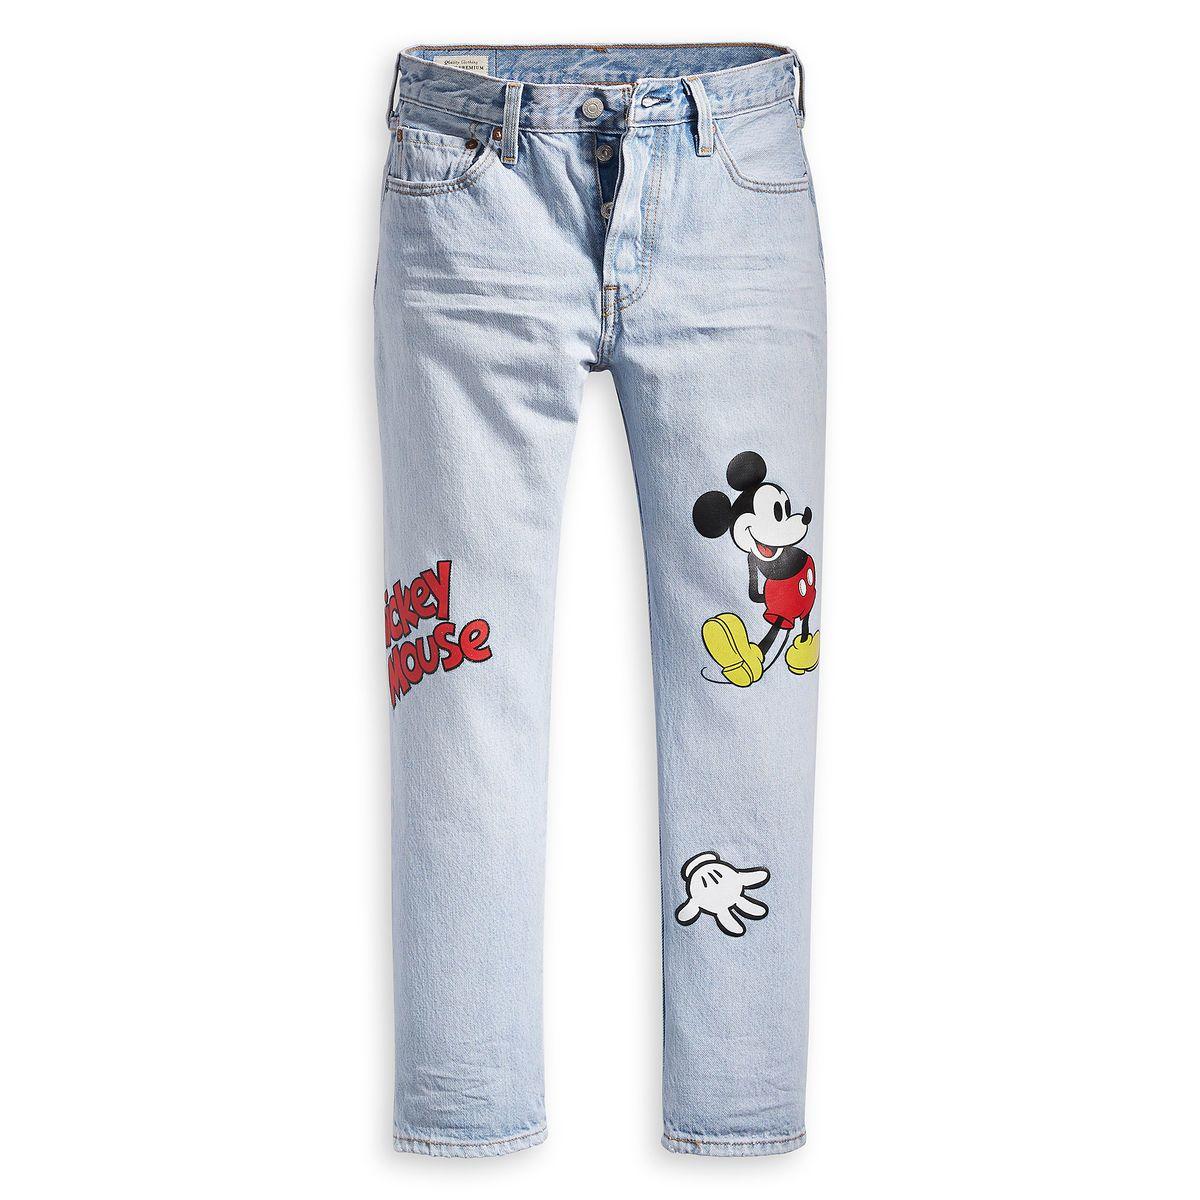 pantalon demin estampado mickey zara